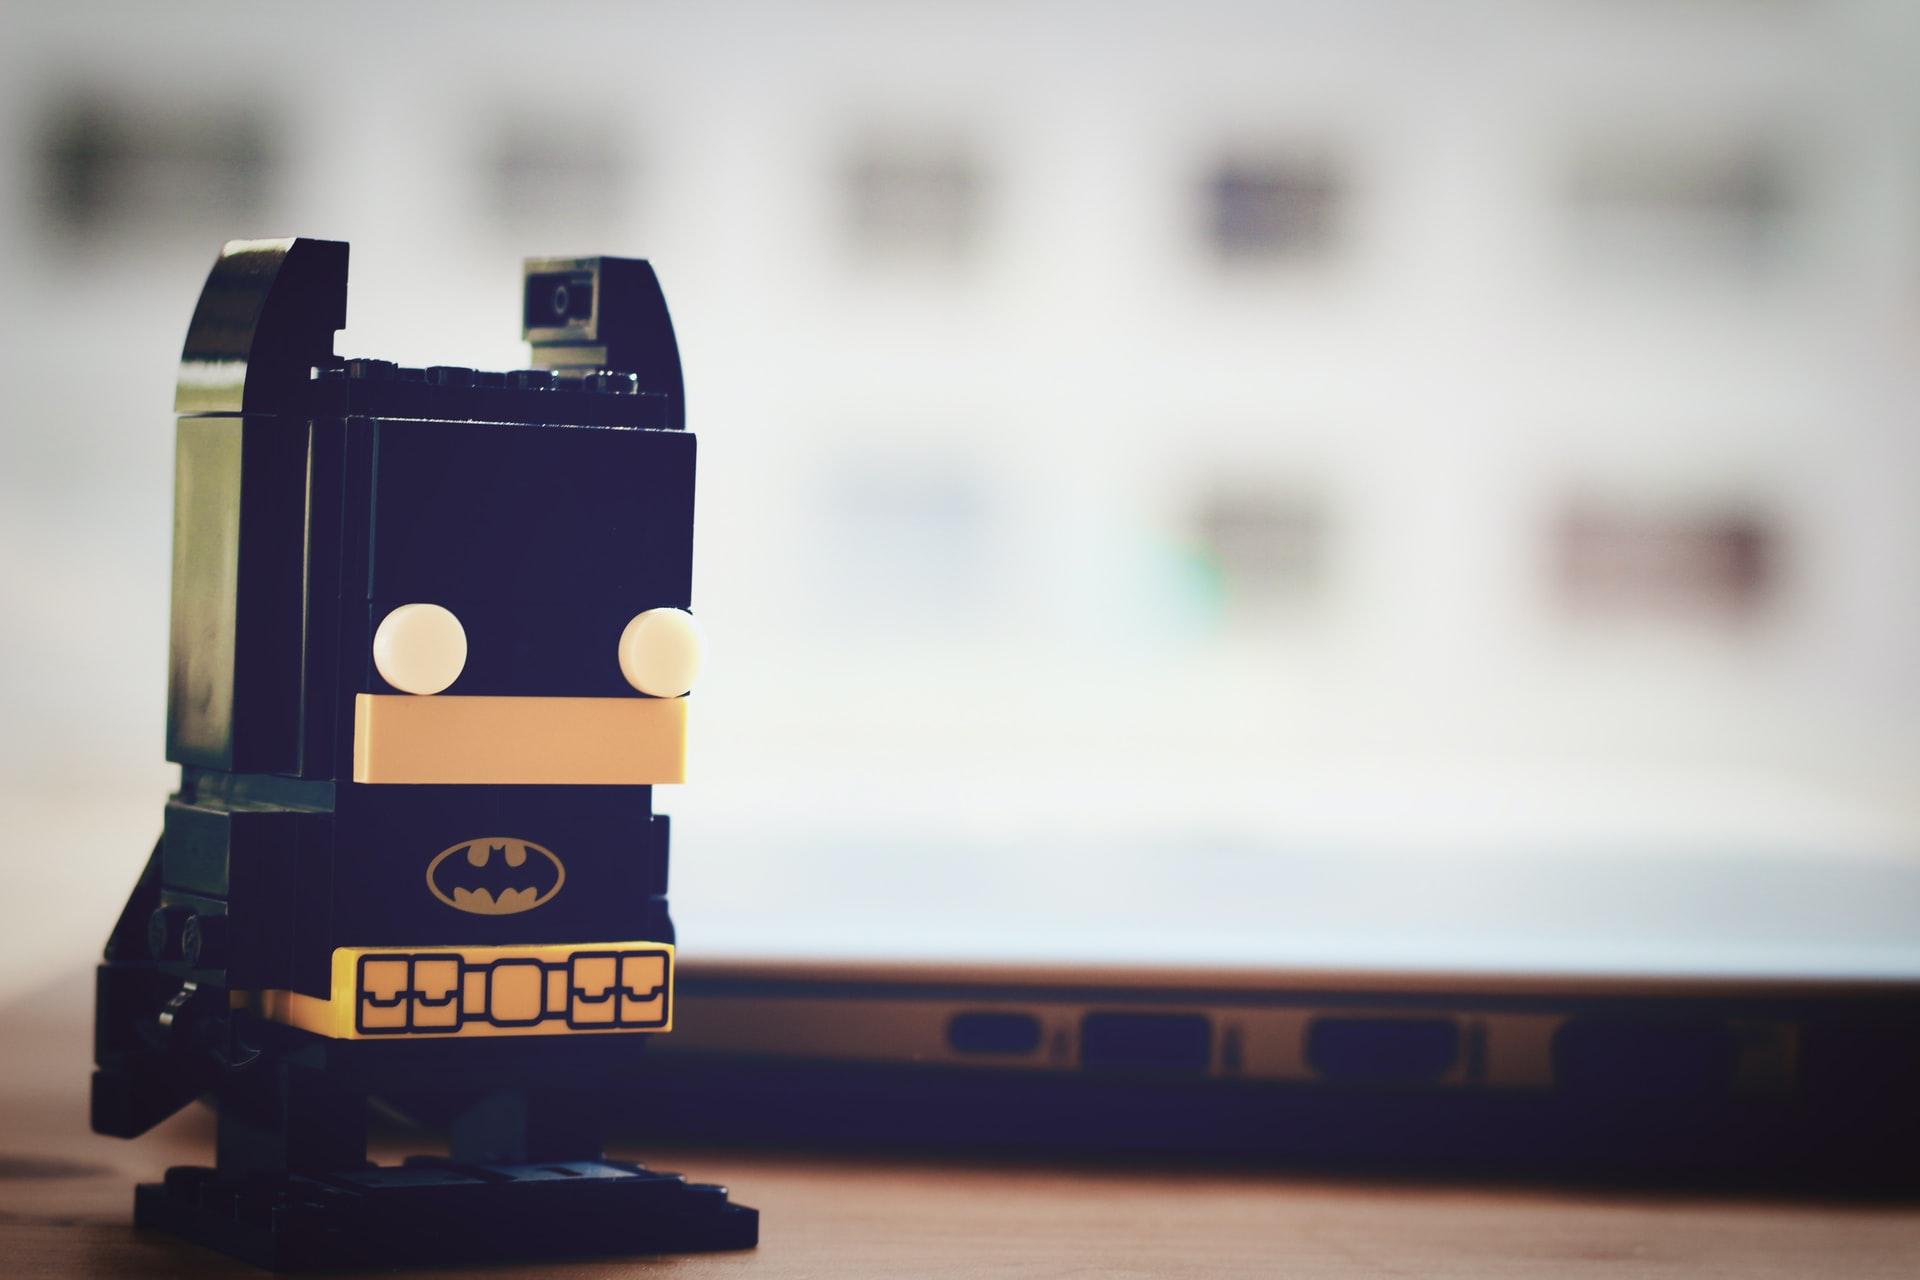 Une figurine à l'effigie de Batman